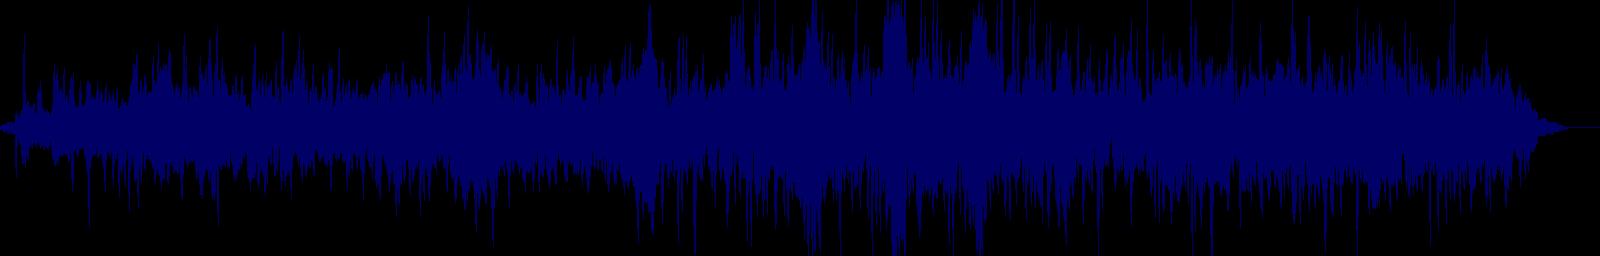 waveform of track #159662